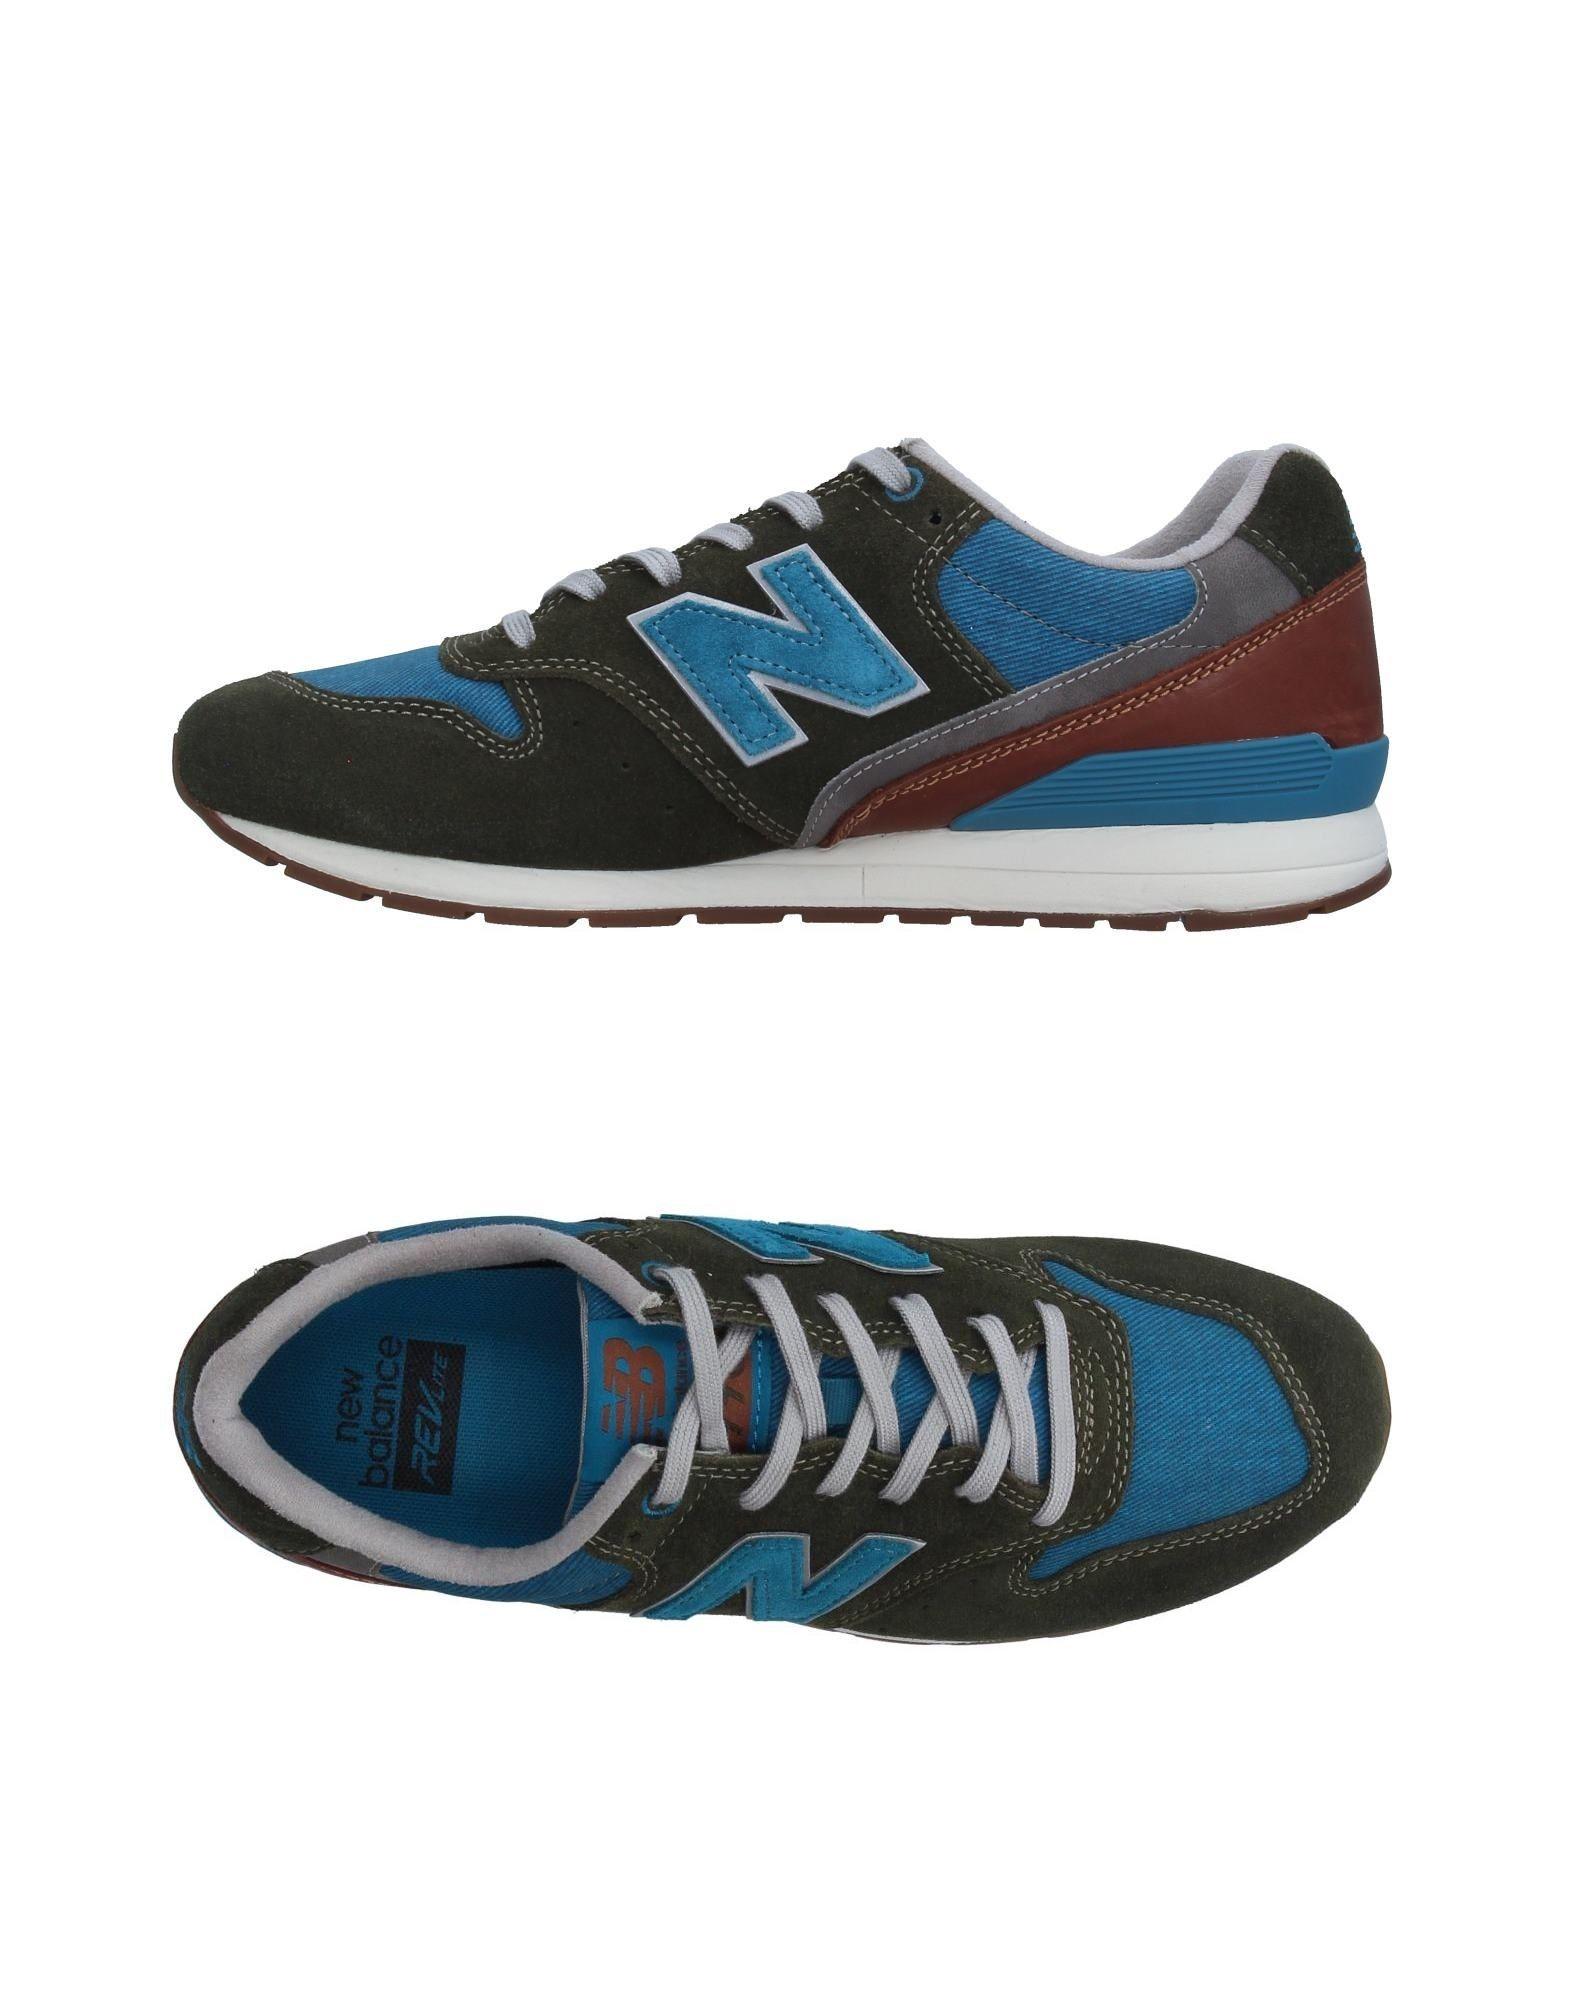 Sneakers New Balance Homme - Sneakers New Balance  Gris et Nouvelles chaussures pour hommes et Gris femmes, remise limitée dans le temps 30b884